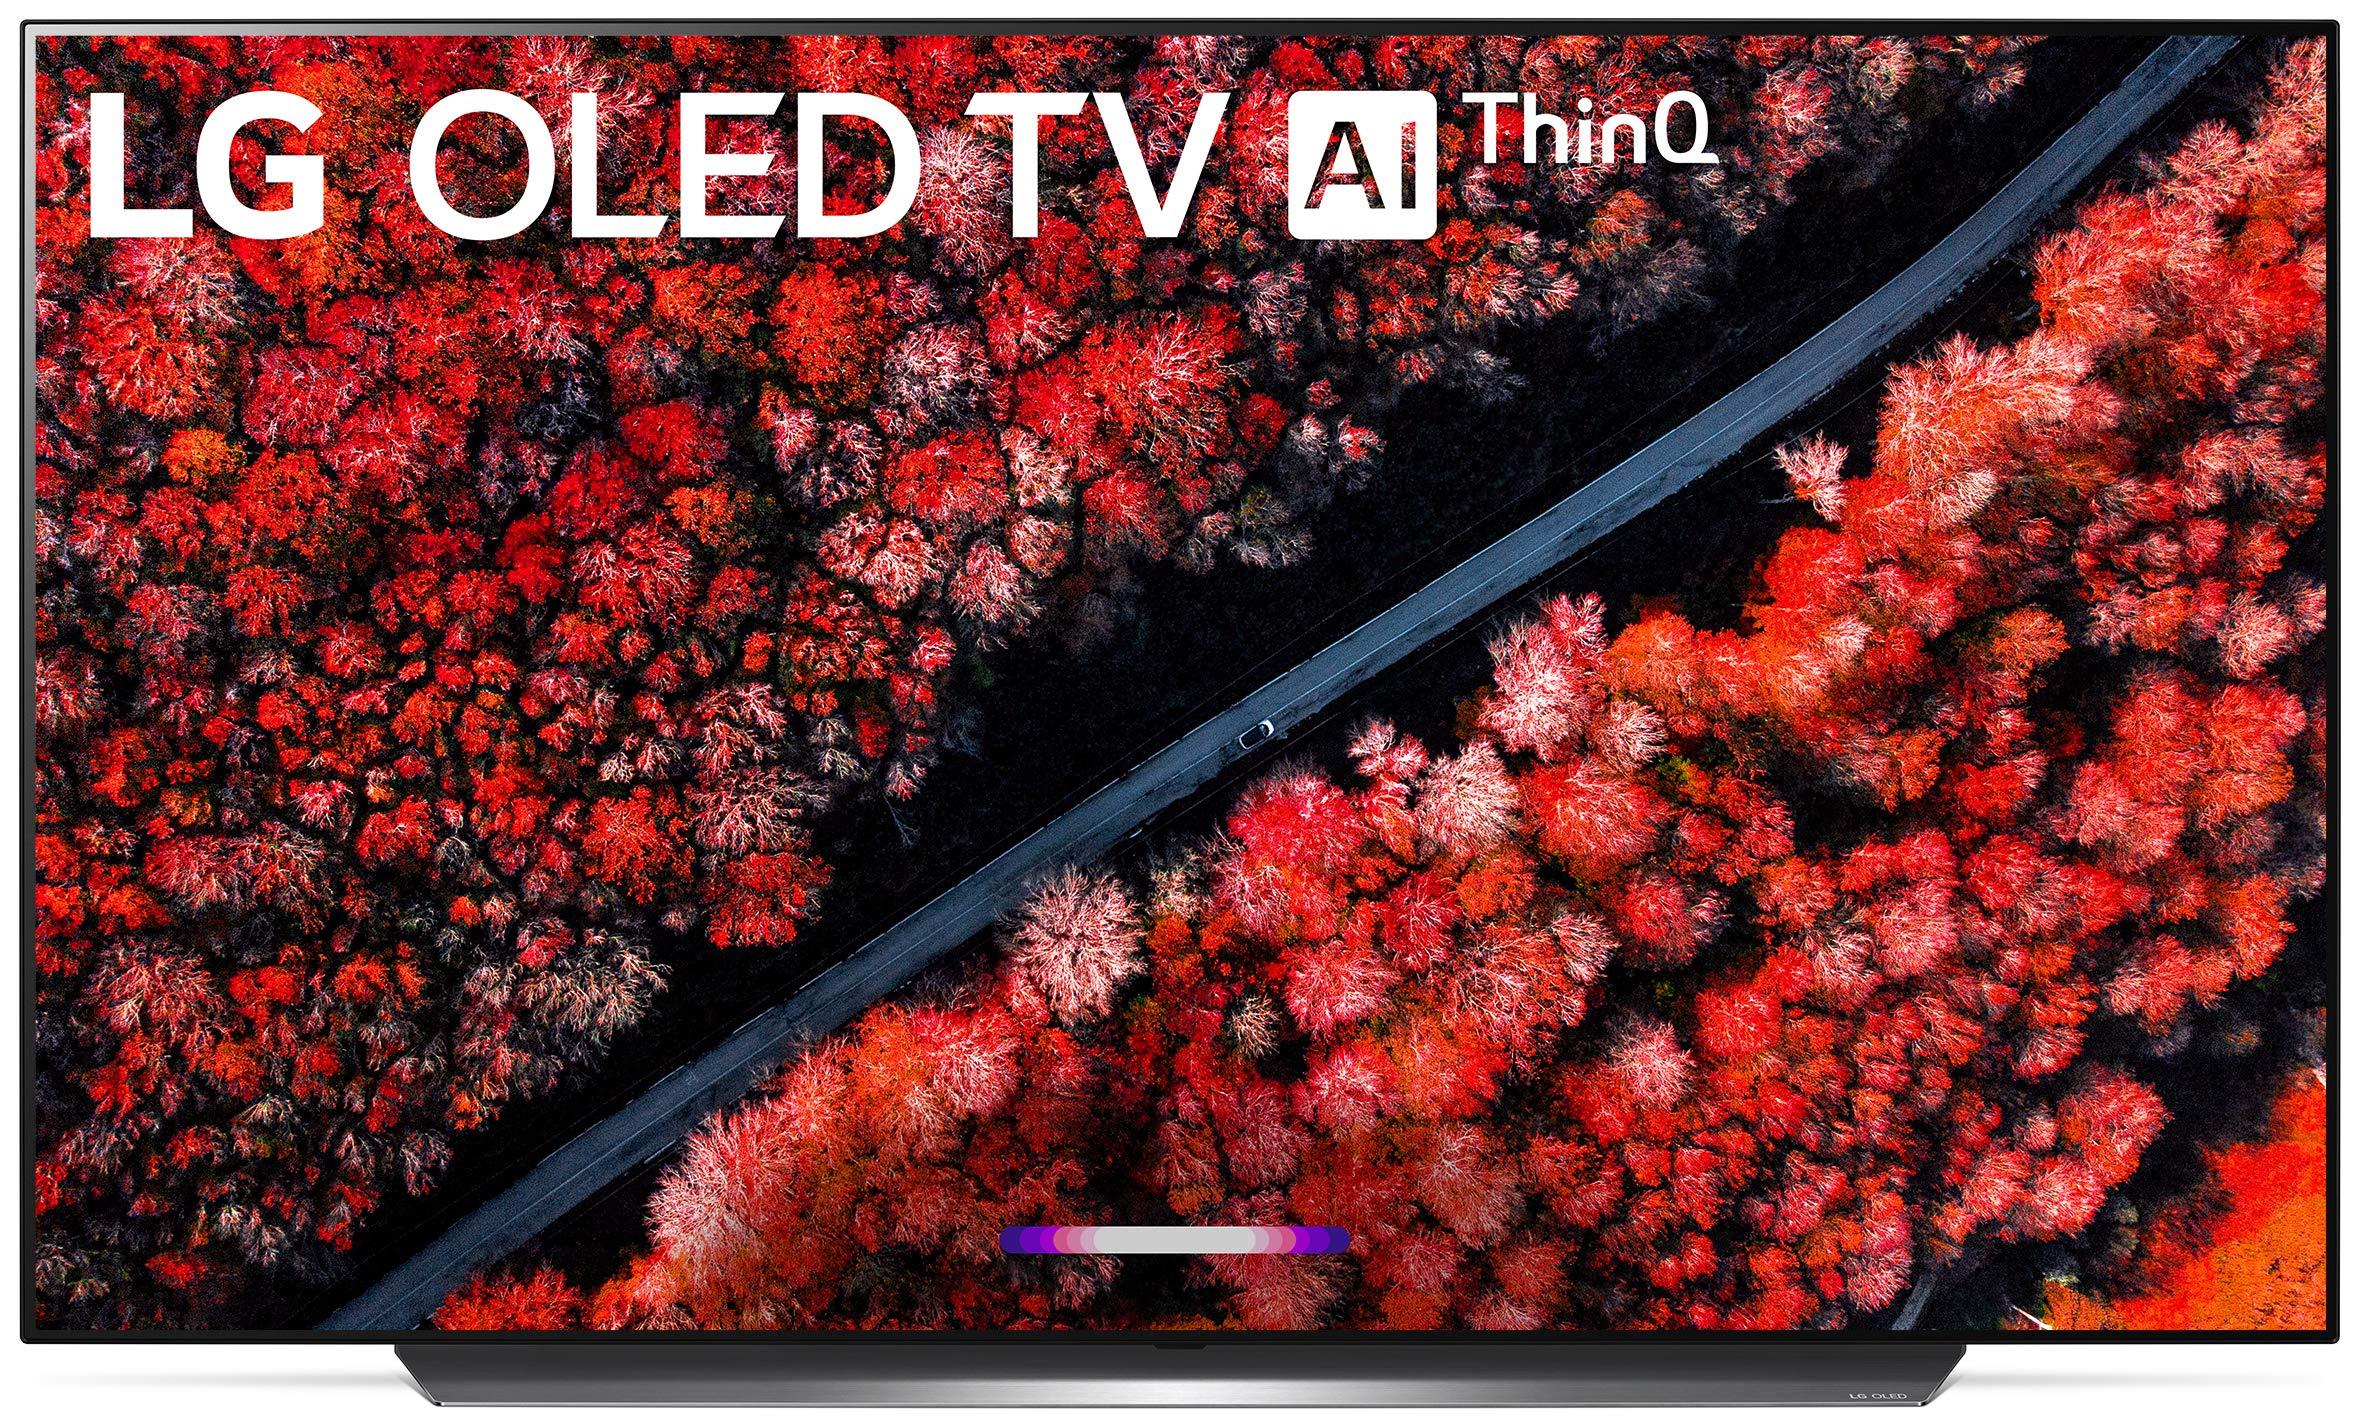 LG Electronics OLED55C9PUA C9 Series 1